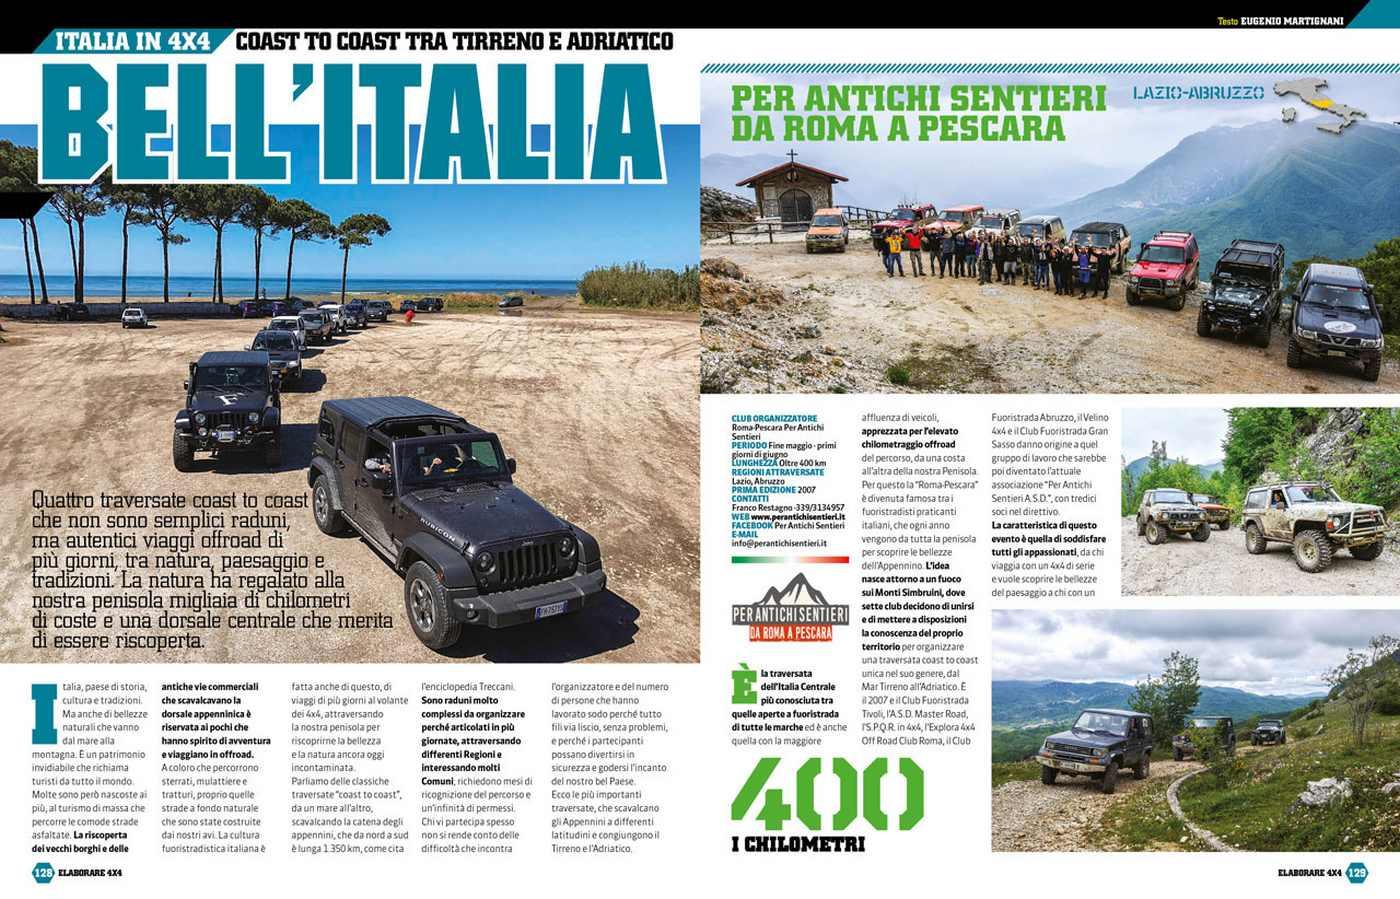 Viaggi fuoristrada in Italia percorsi Tirreno Adriatico